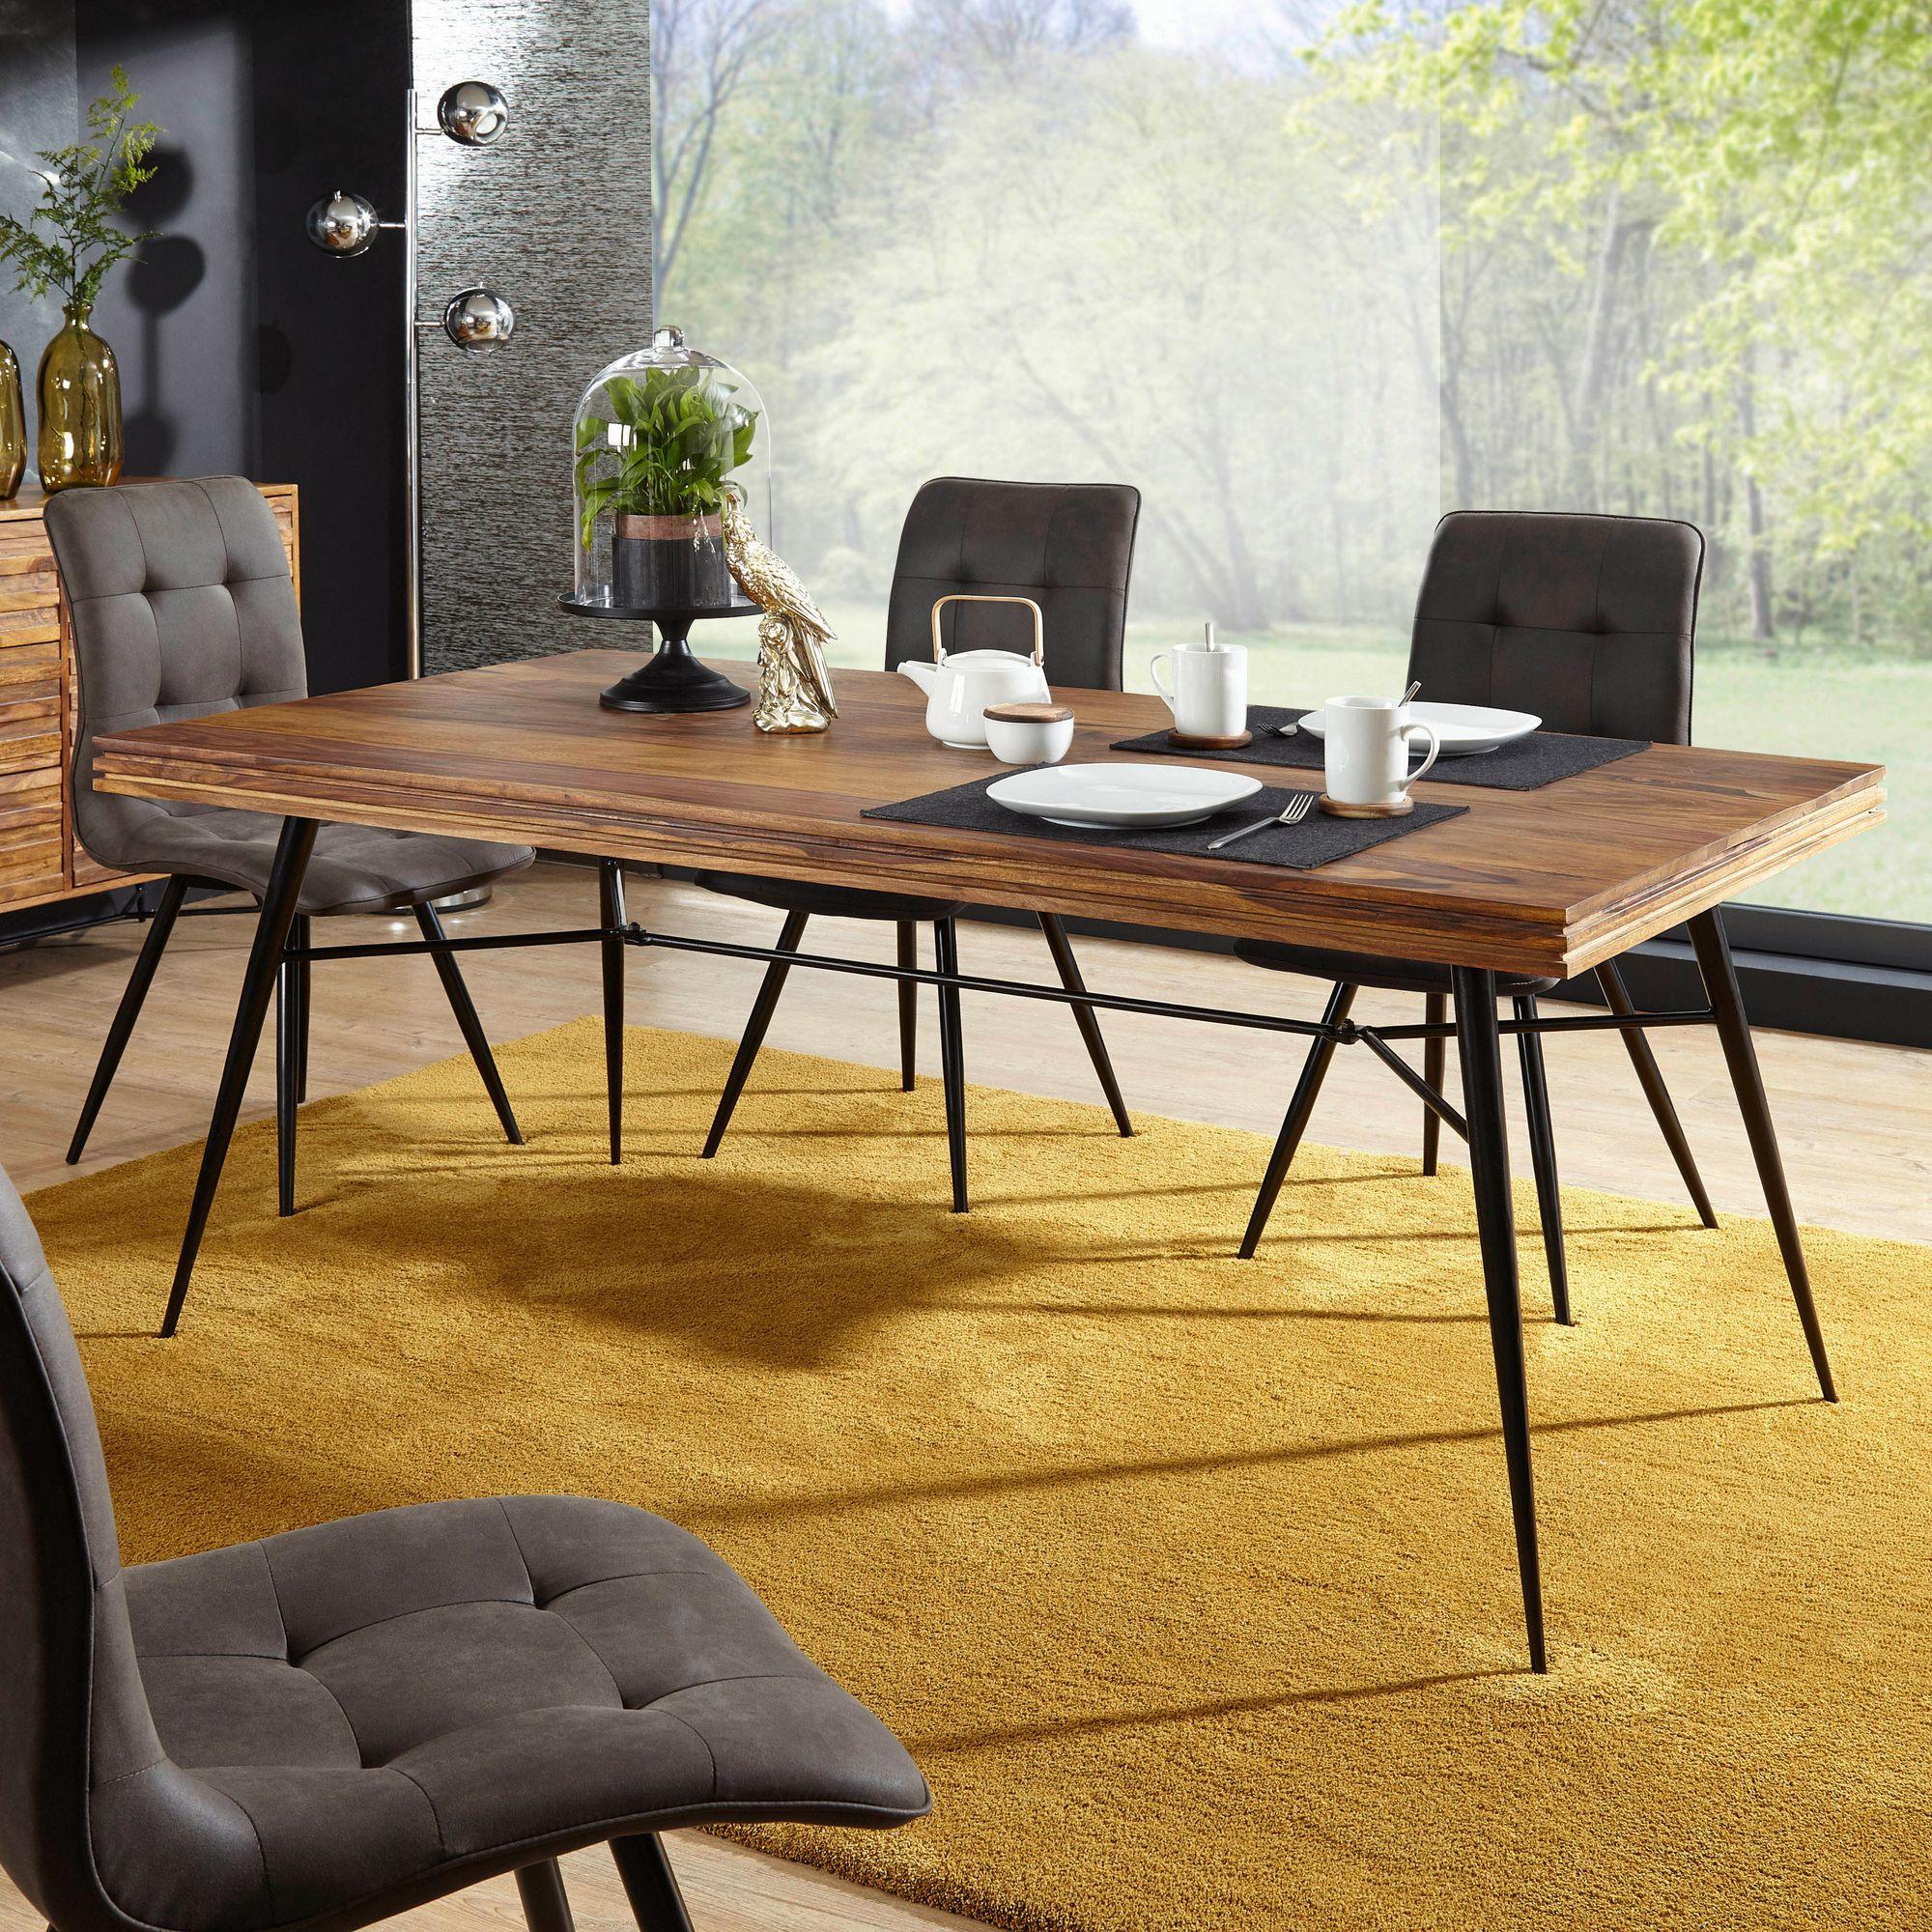 Esszimmertisch mit 4 Stühlen Sheesham Holz Massiv Esstisch Set 180cm  Küchentisch